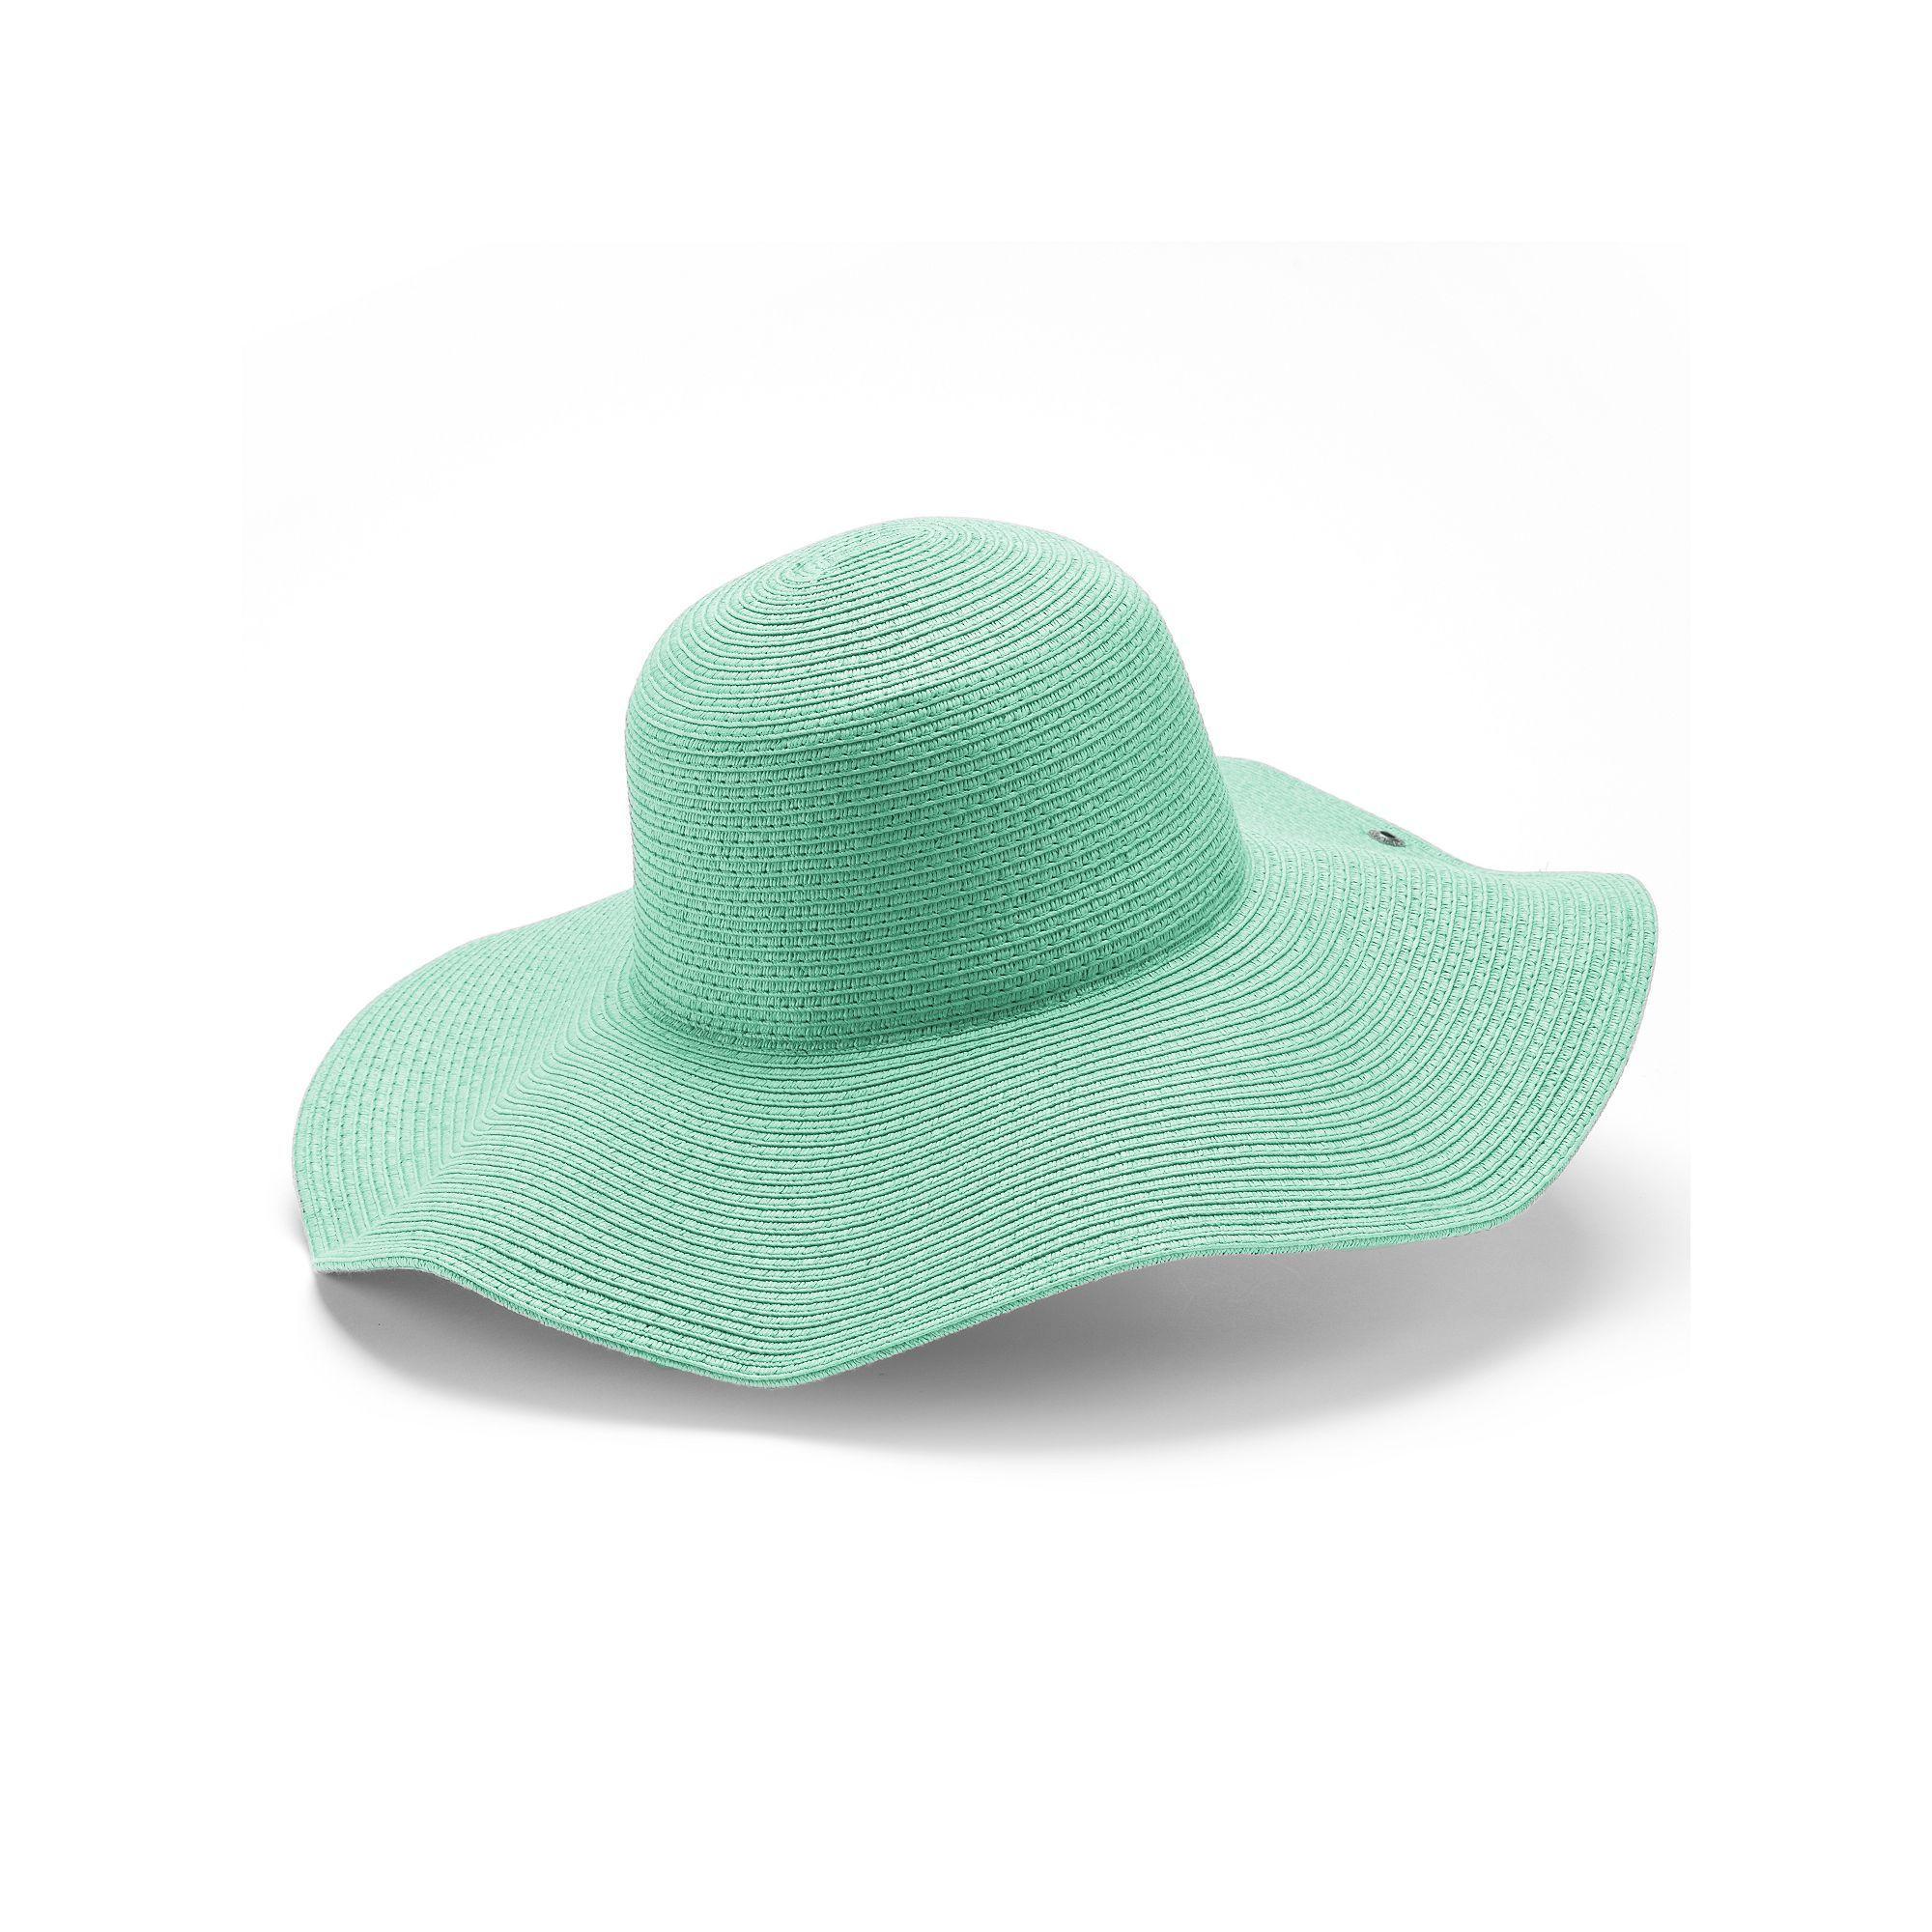 38943d71652 Peter Grimm Erin Floppy Hat